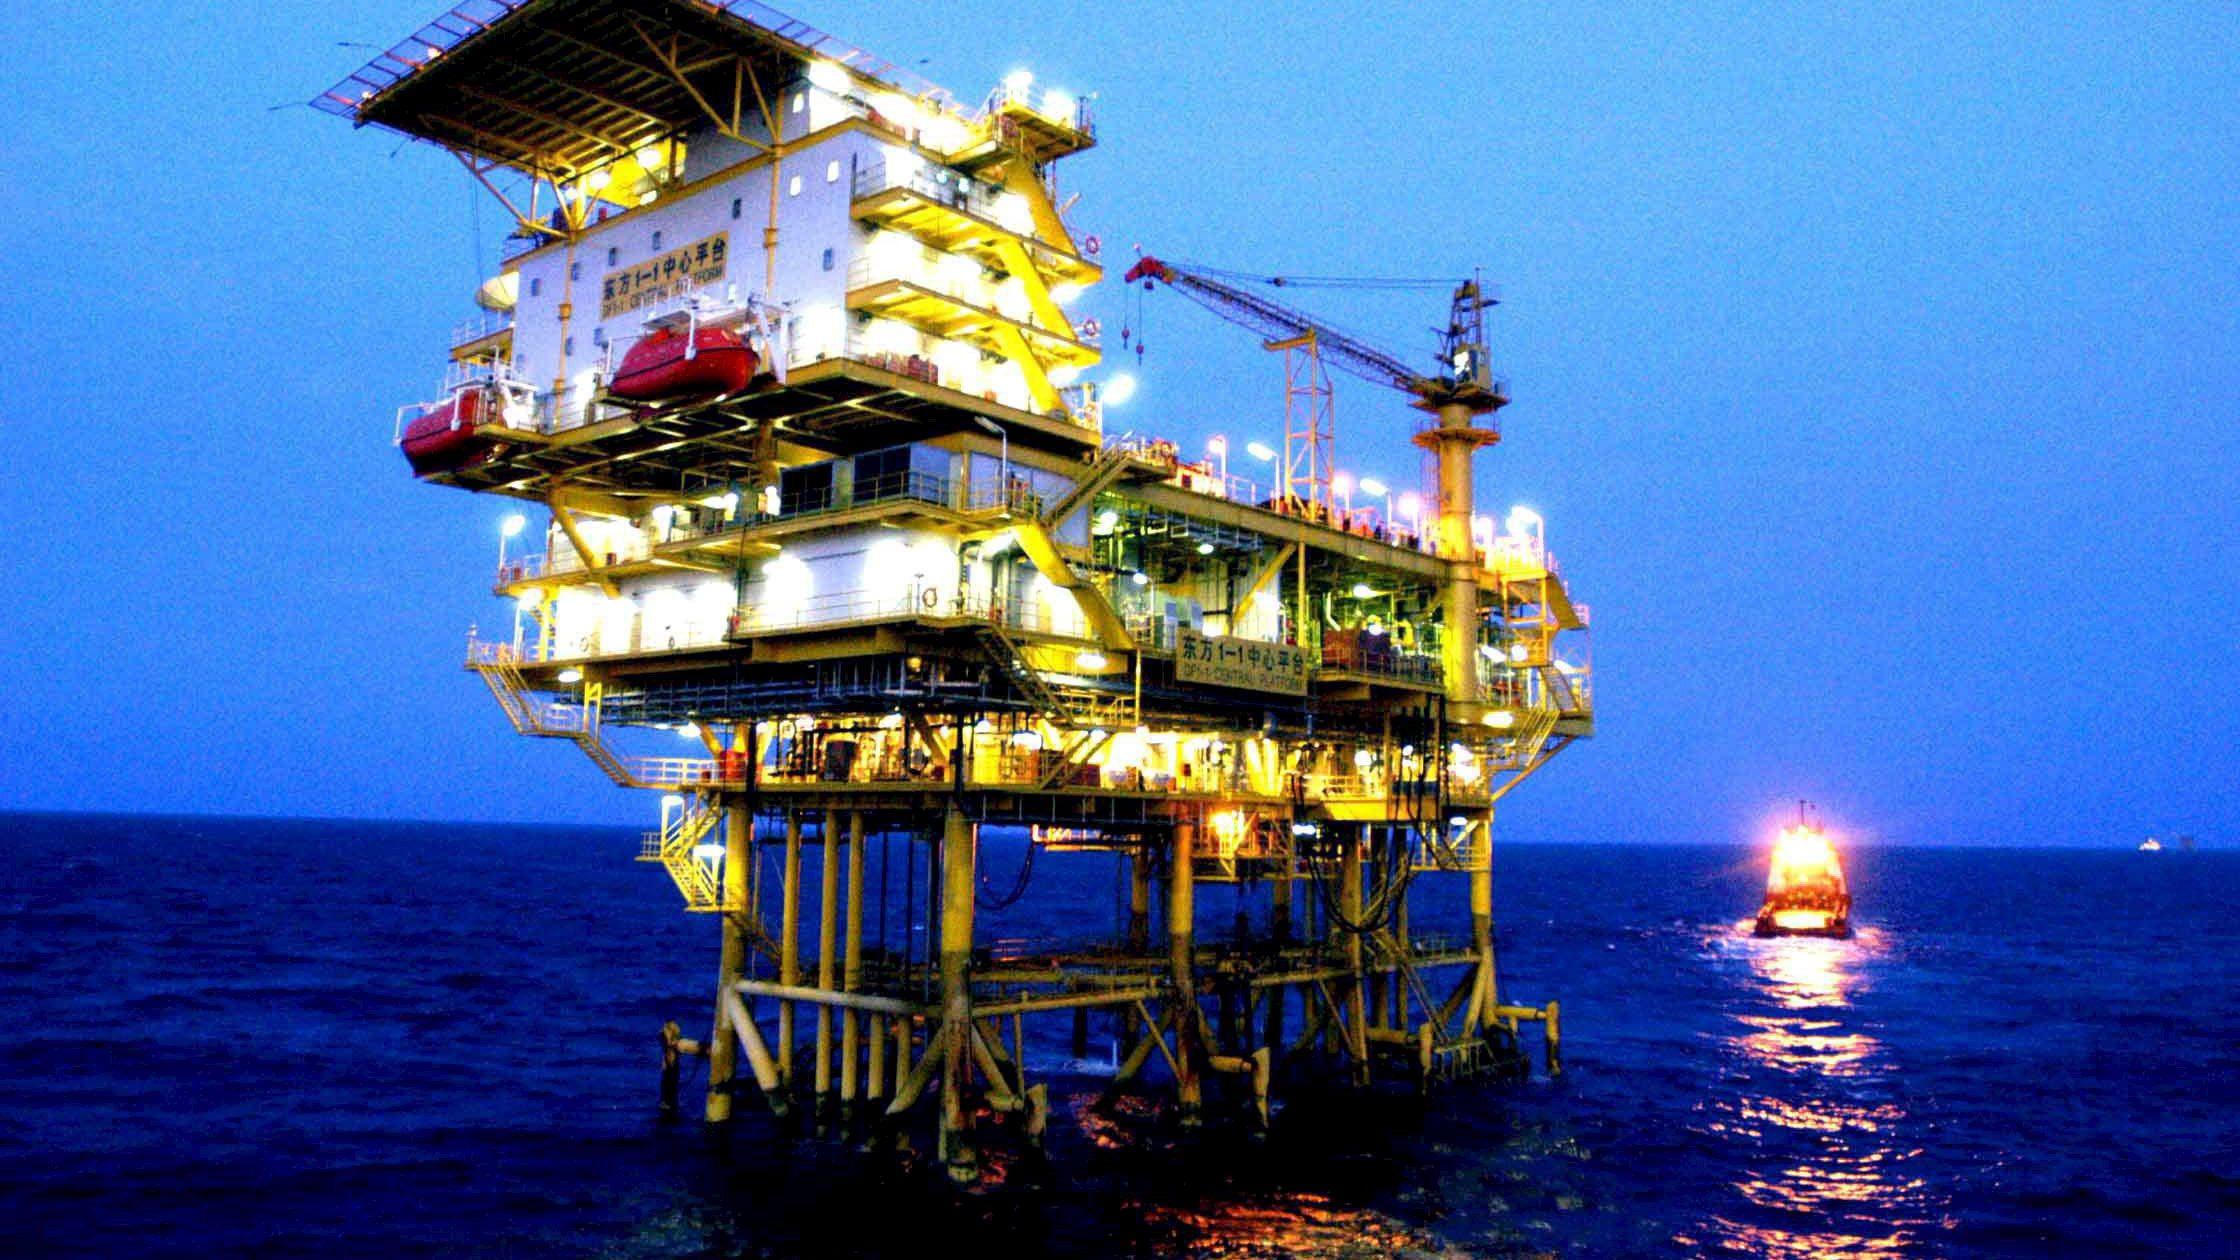 A CNOOC gas field exploration platform